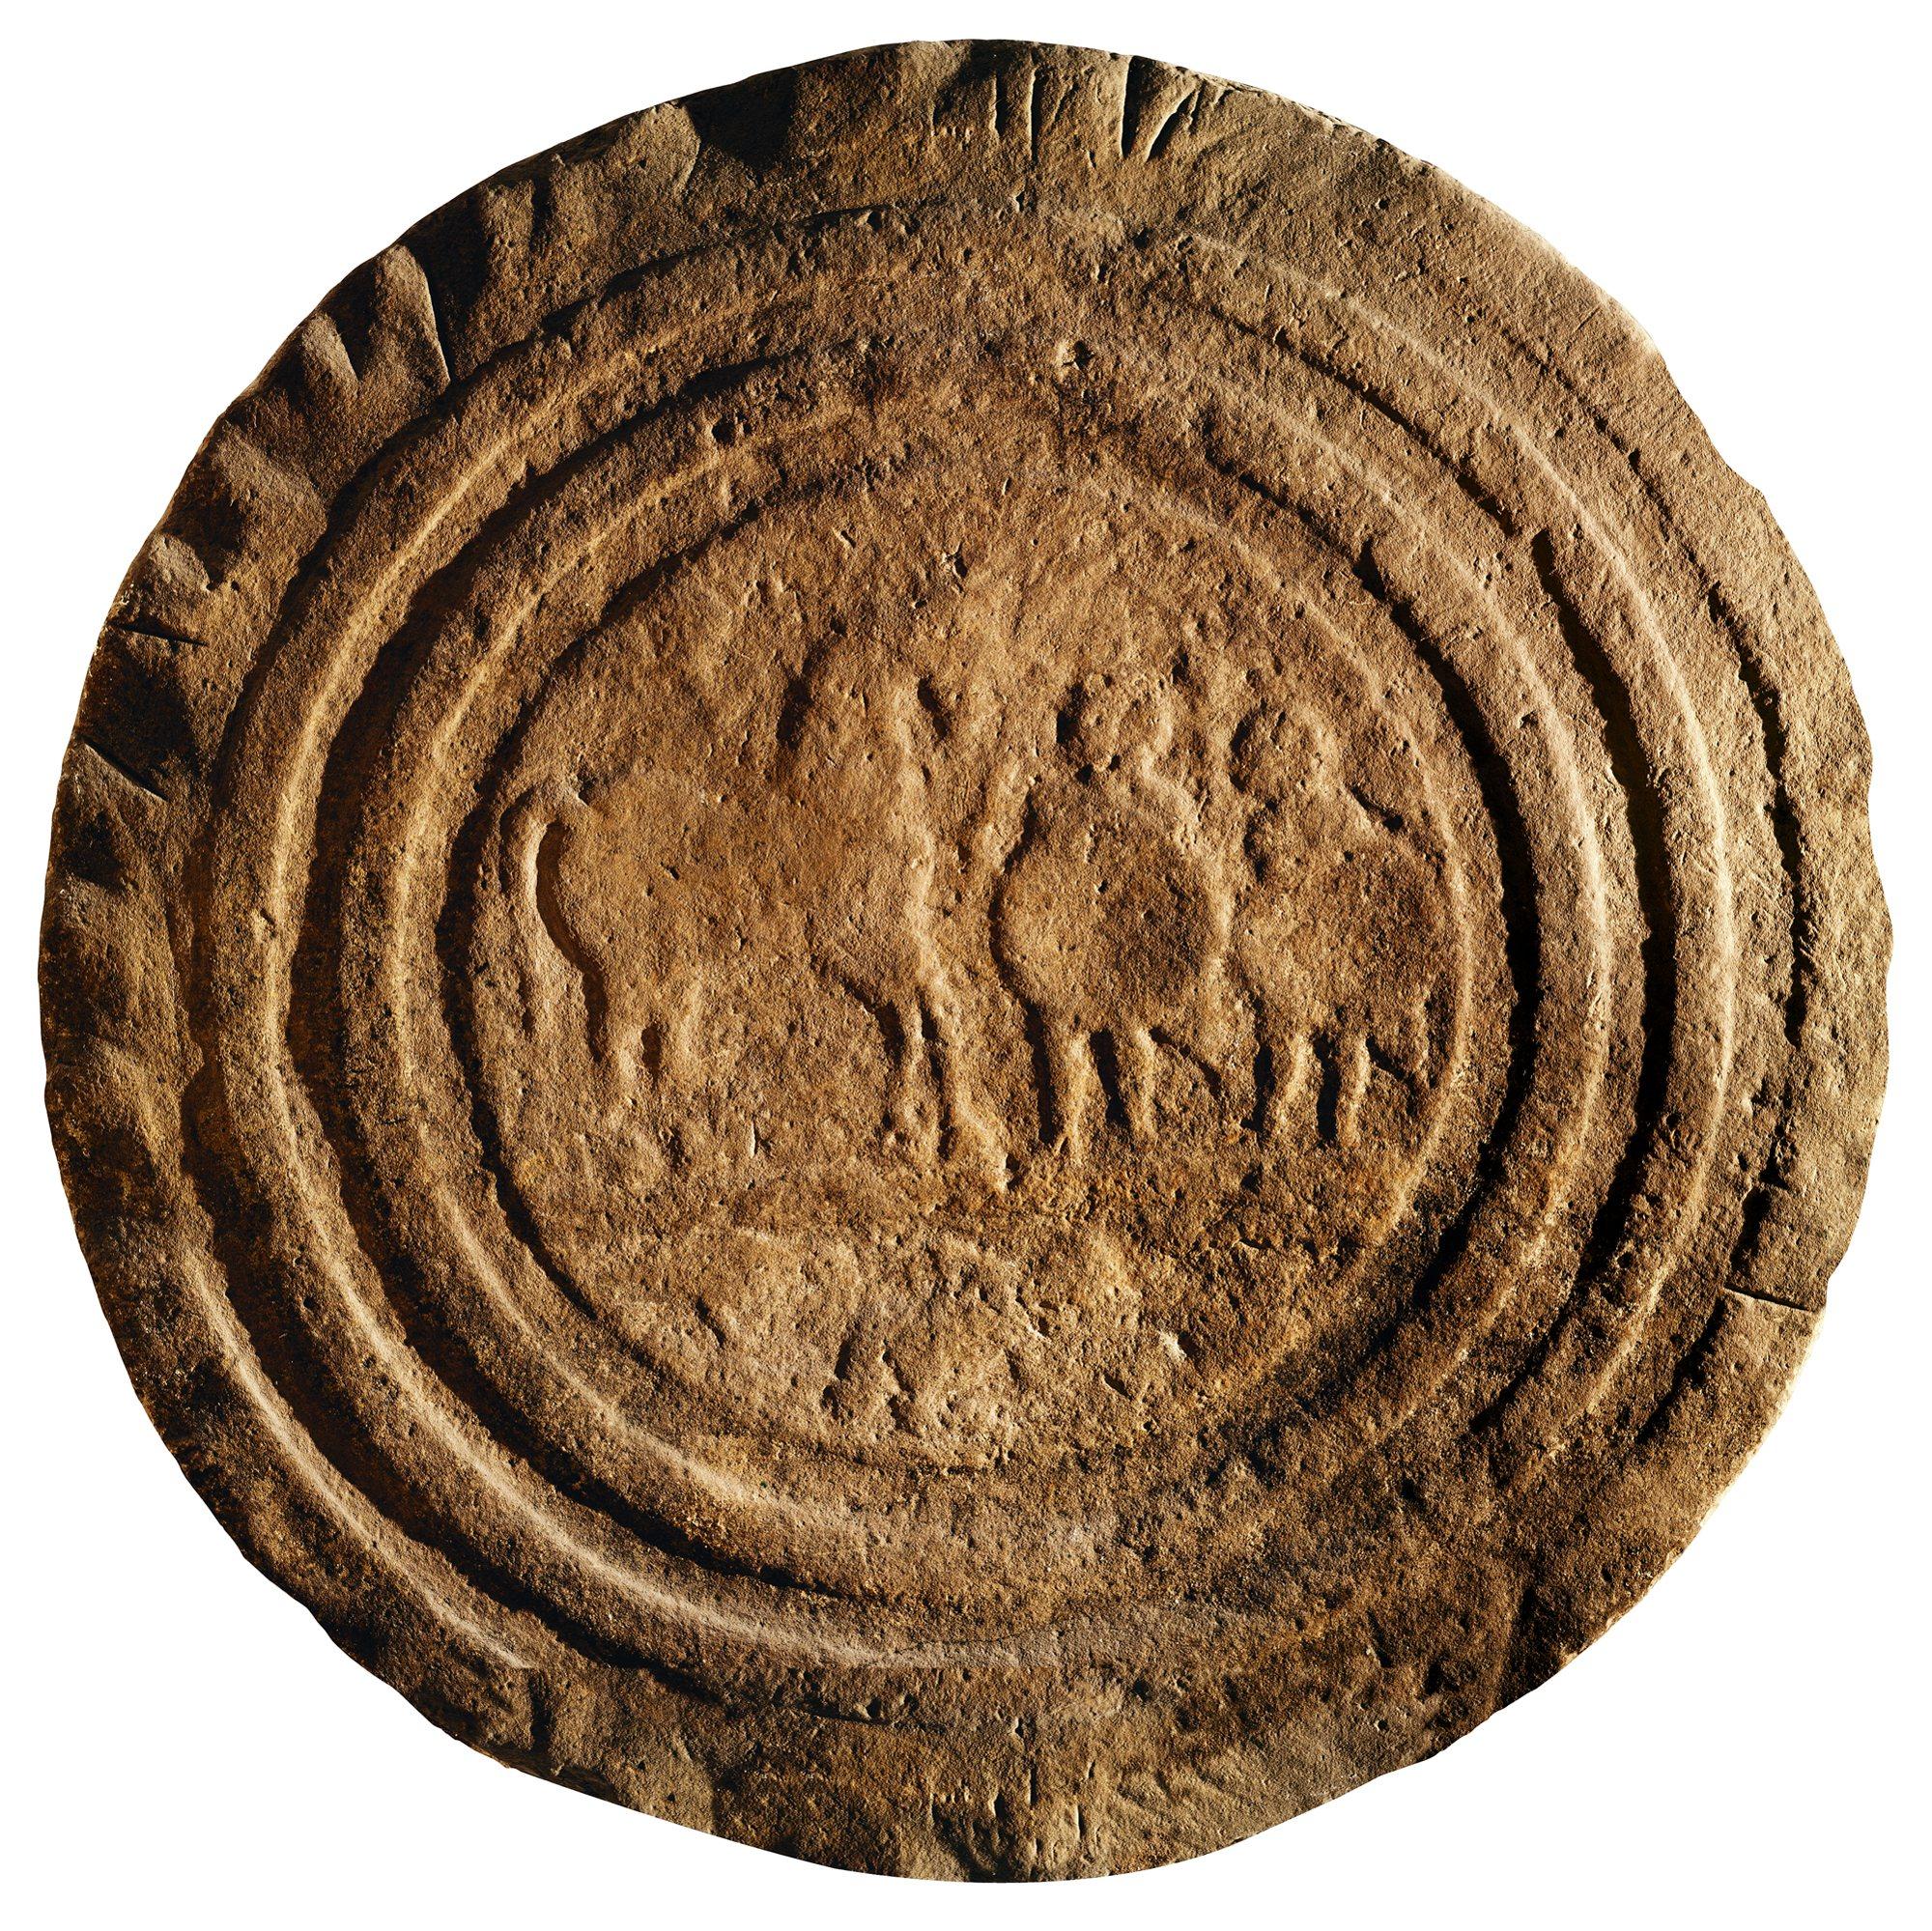 Estela de Zurita, con la imagen de dos guerreros cántabros. Siglo I a.c. Museo de Prehistoria y Arqueología de Cantabria, Santander.